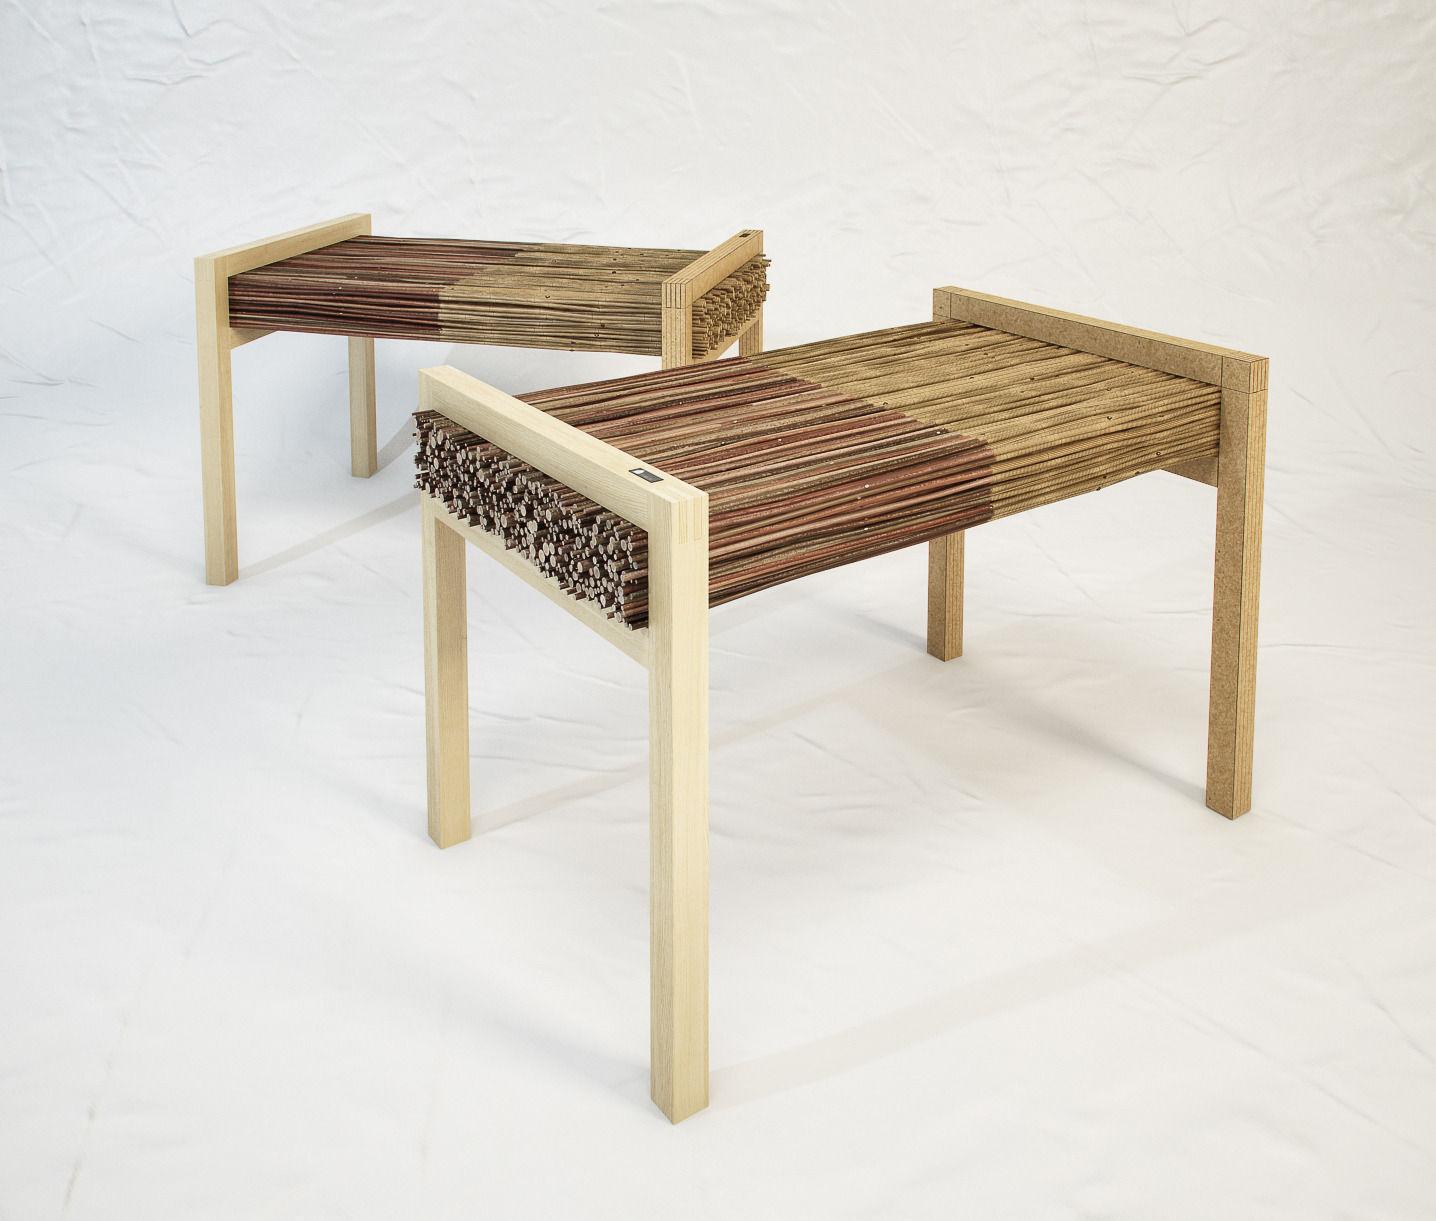 STUDIO VACEK Haluz bench by Tomas Vacek